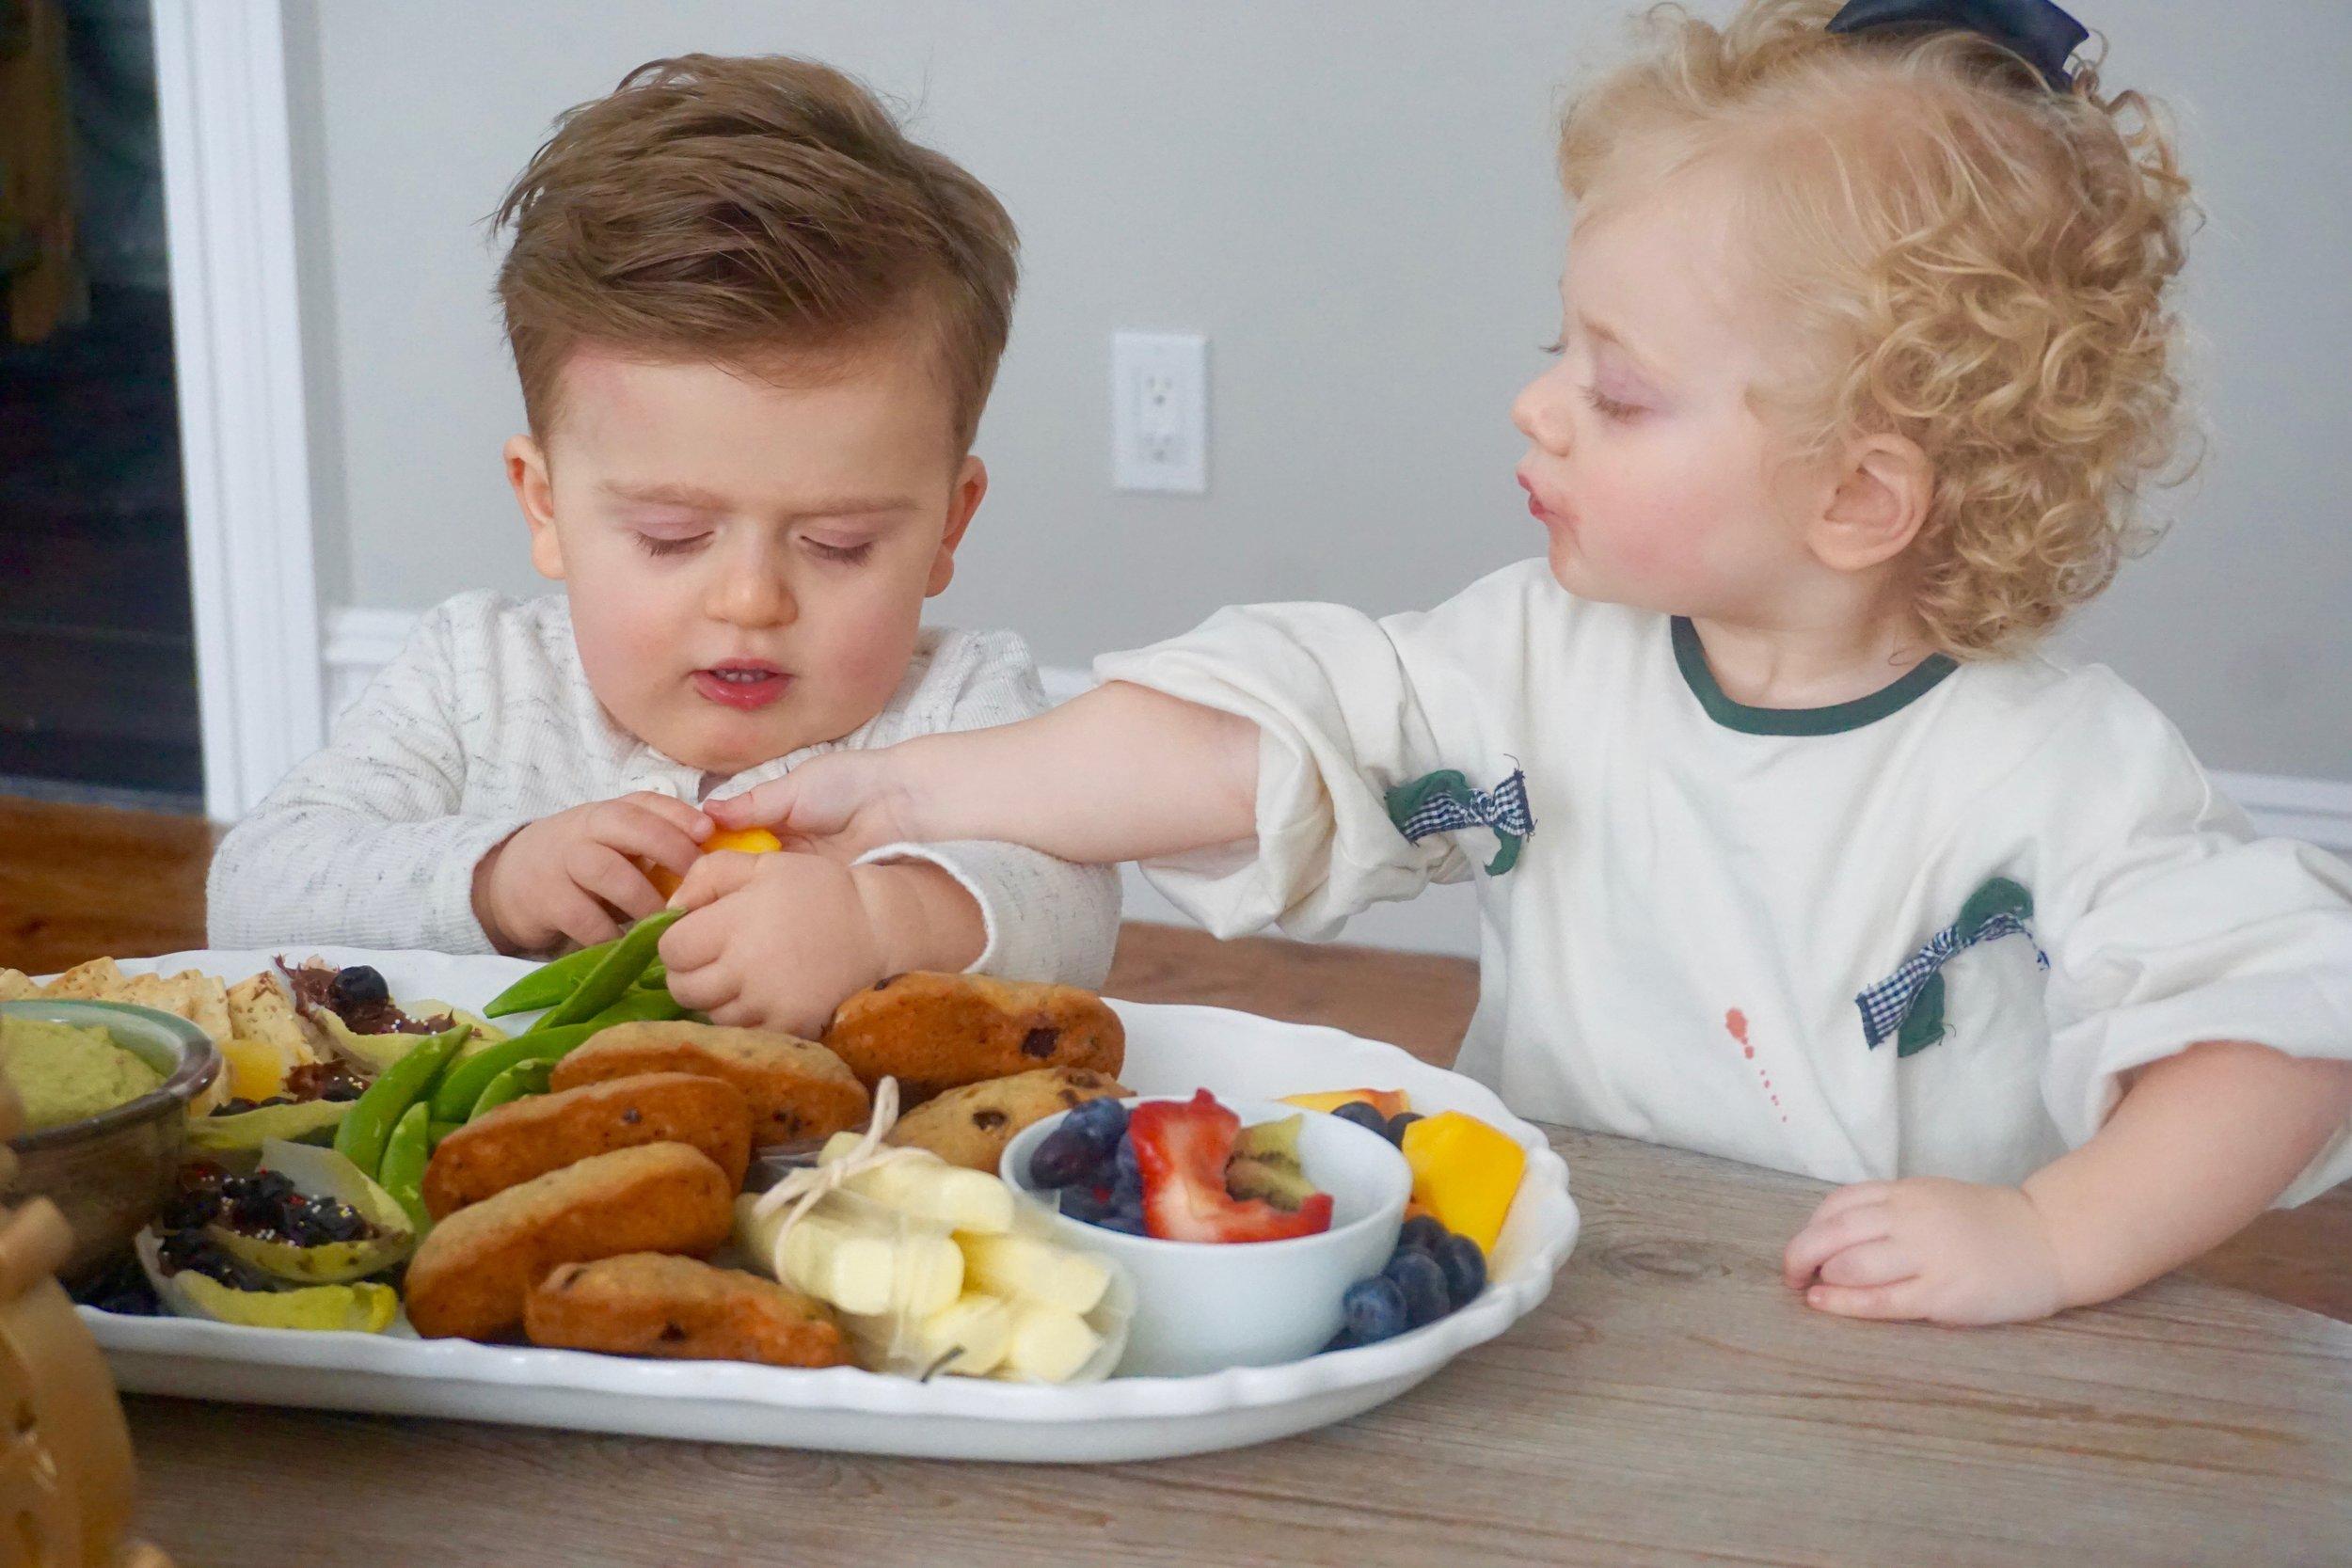 snack board sharing.jpg